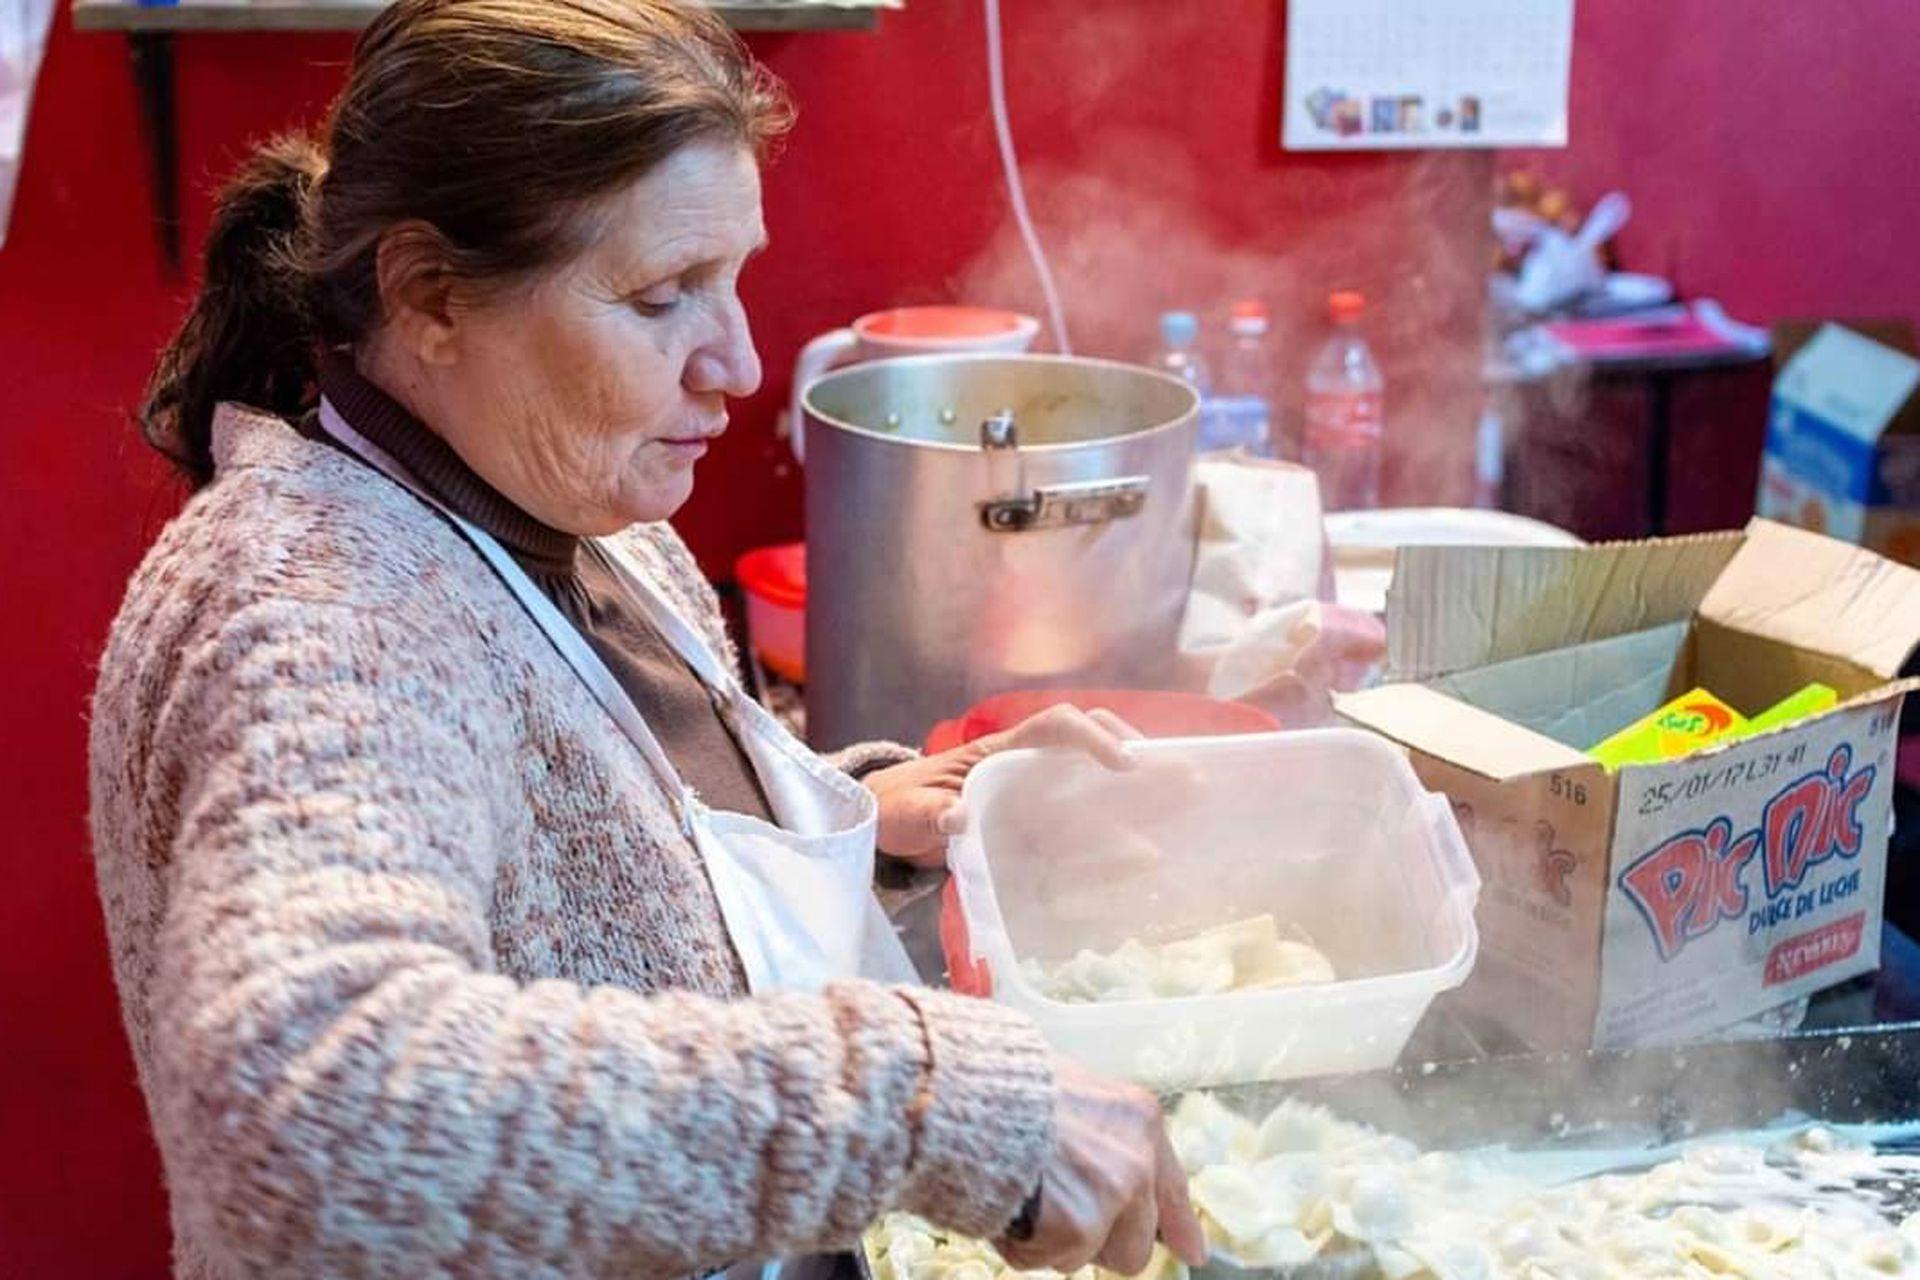 Gladys Argañaraz era una líder comunitaria que a principios de los 90 fundó el comedor Comunidad Organizada en el Barrio 31 de Retiro; hace un mes falleció por coronavirus y sus hijos e hijas continúan con su legado